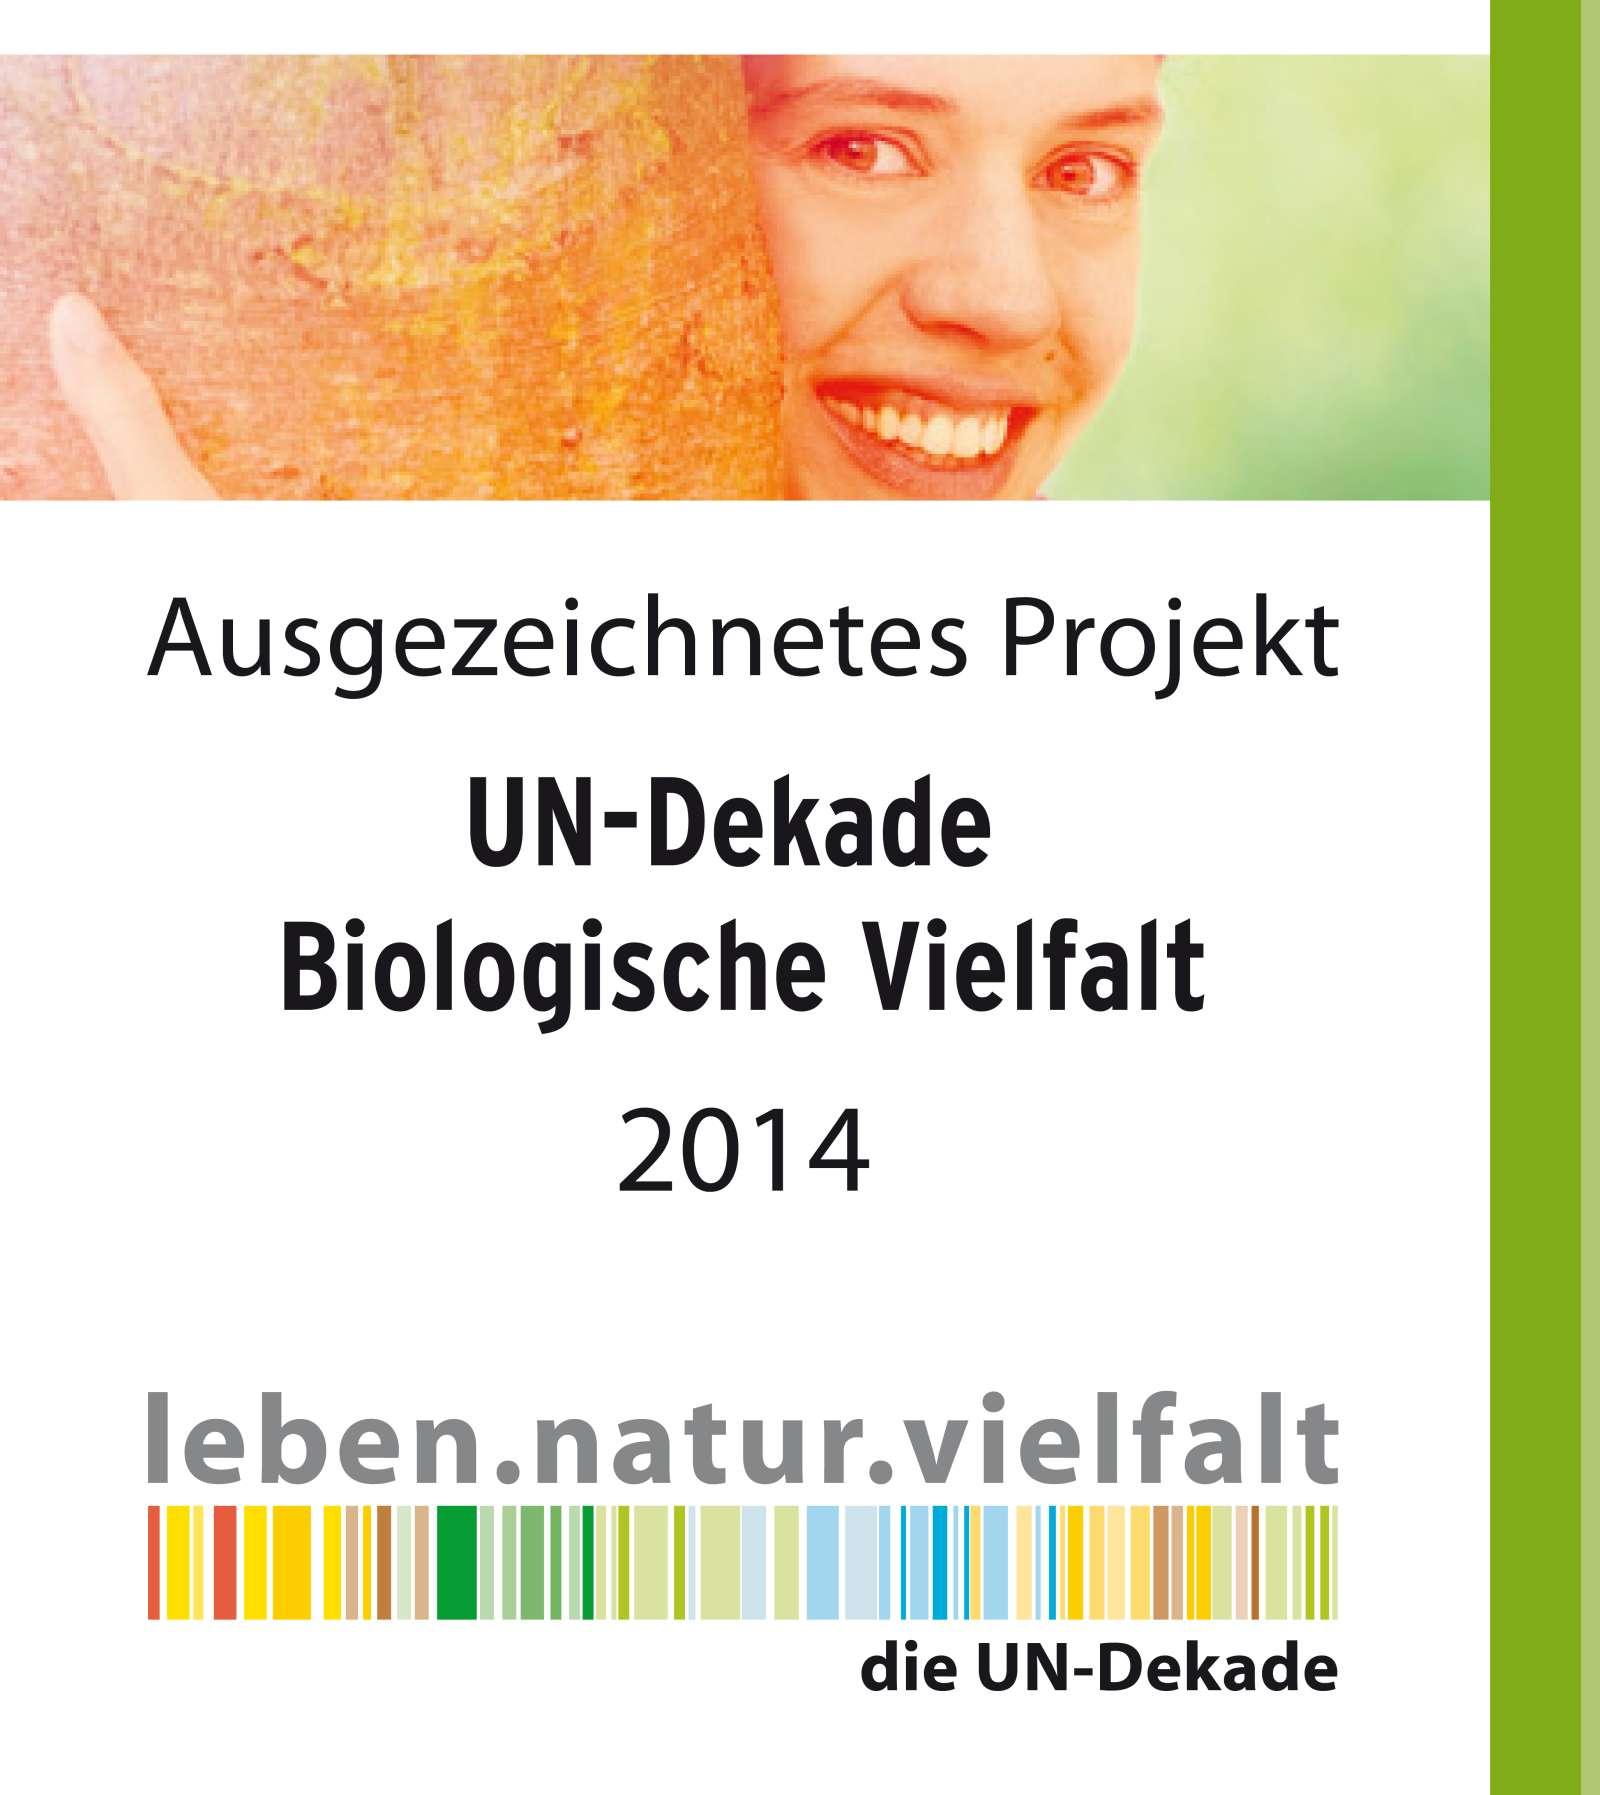 UN-Banner Bilogische Vielfalt